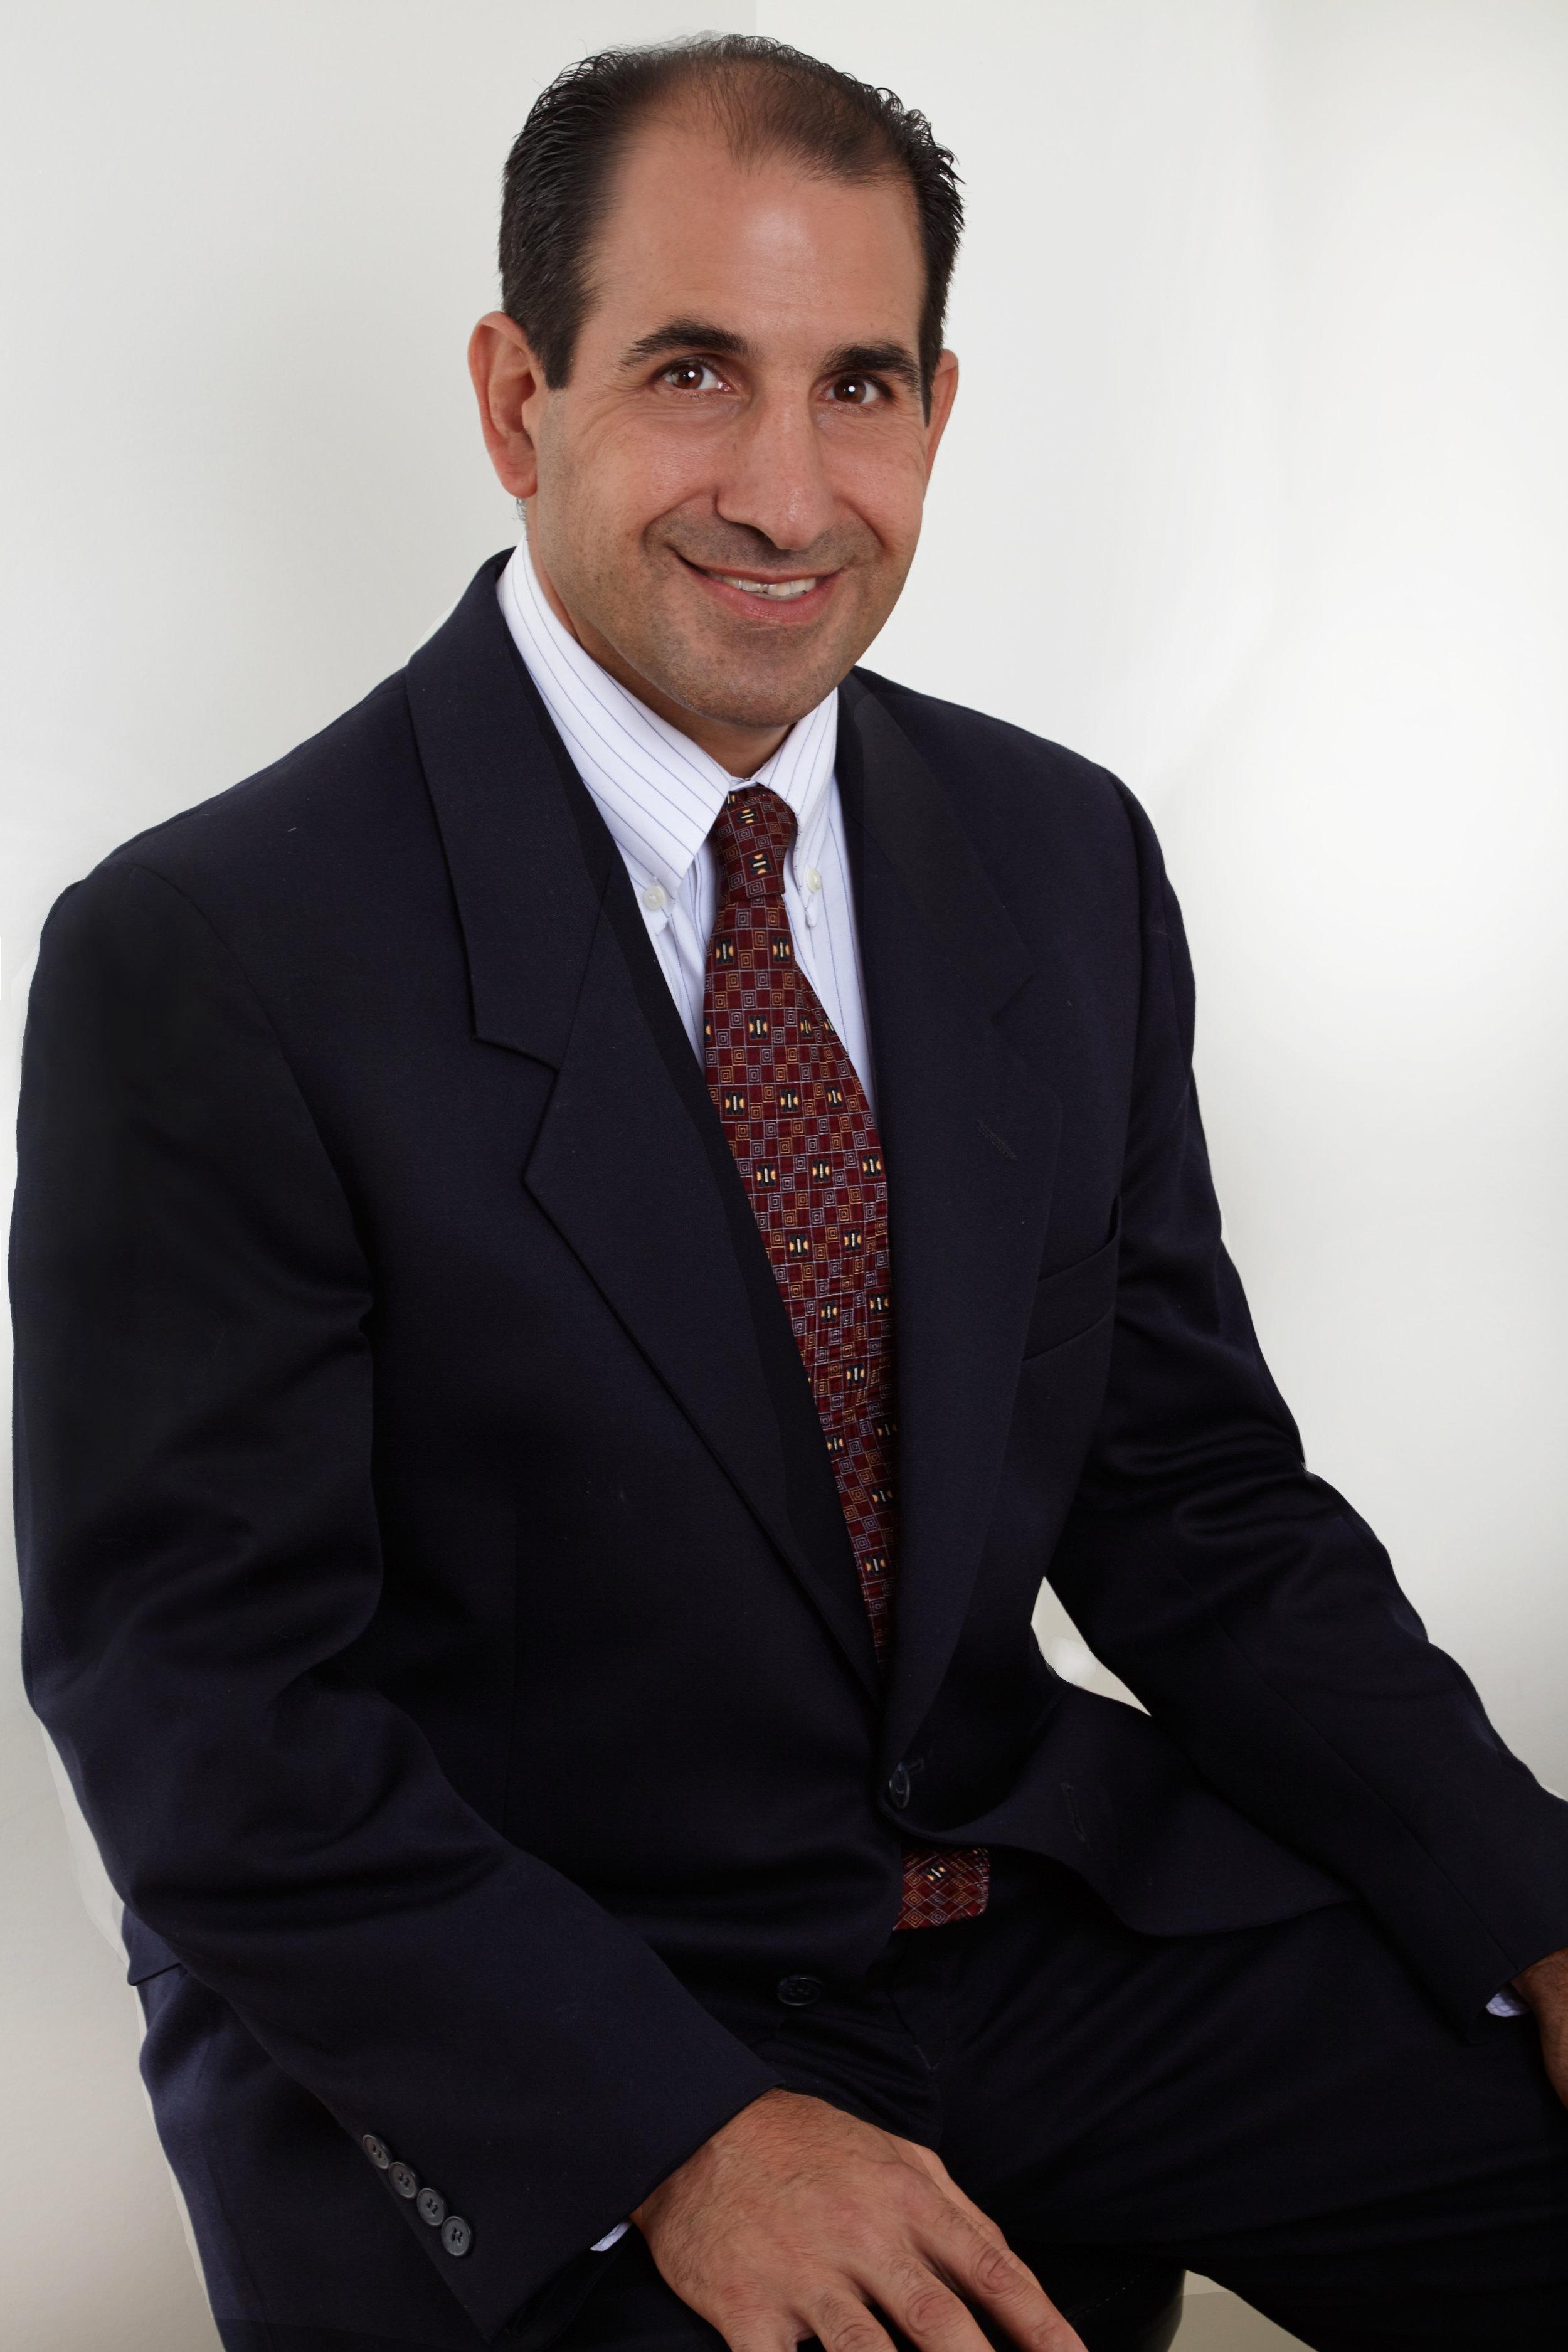 Rob DiLillo (Partner)